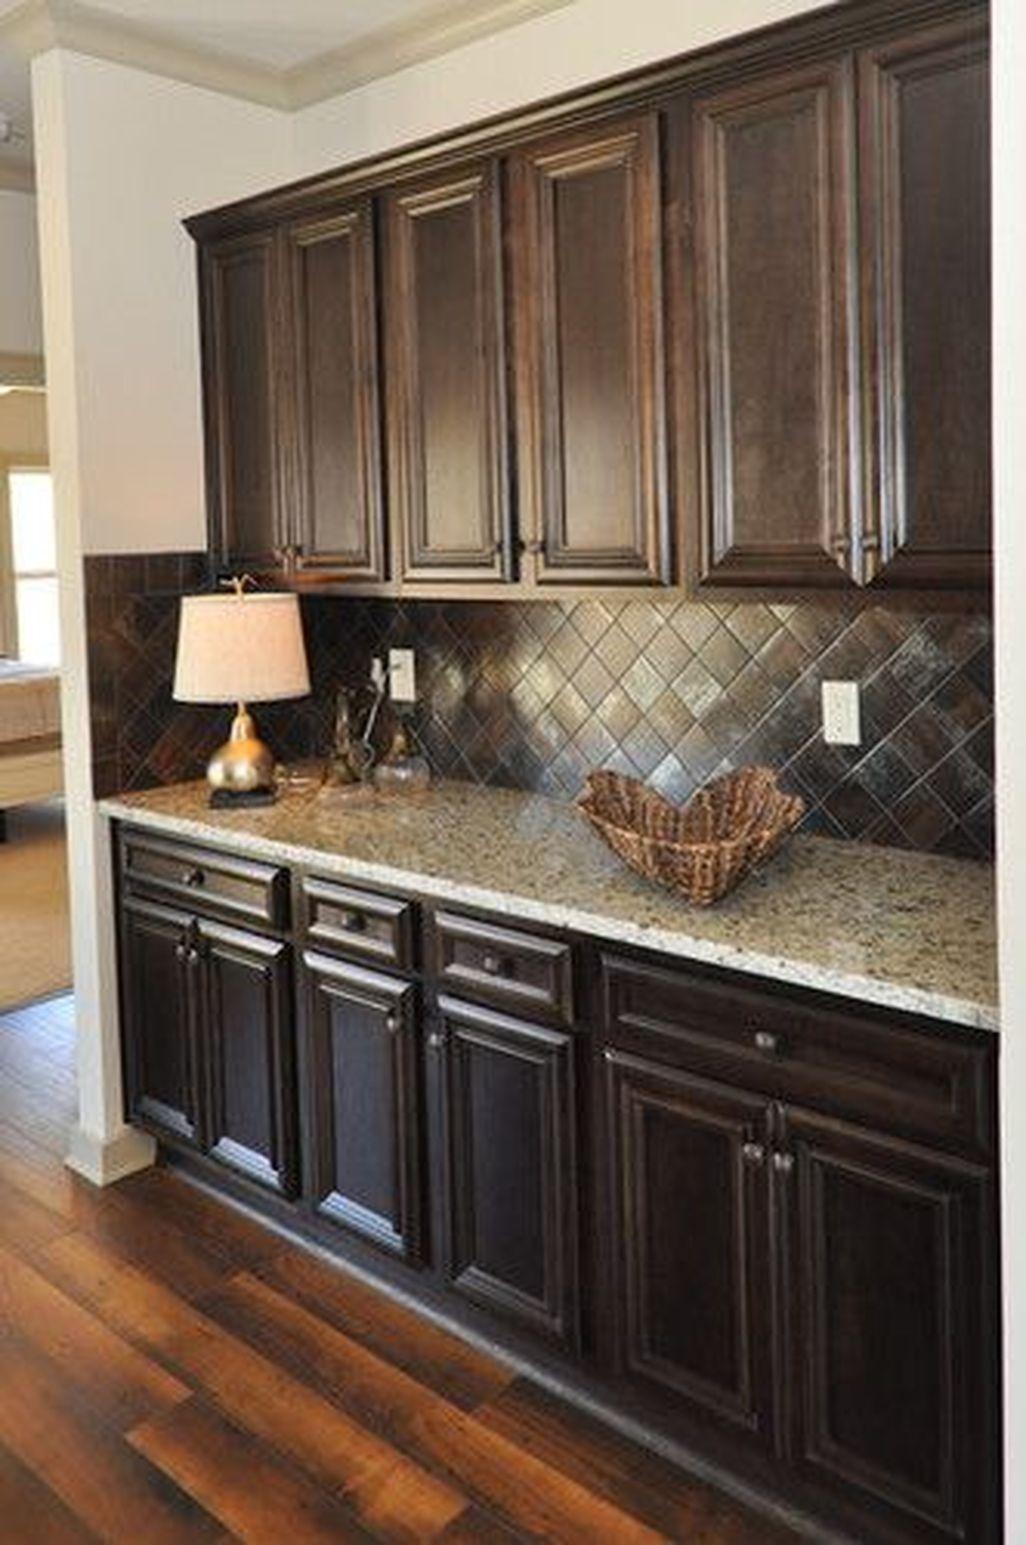 48 stunning dark wood floor ideas kitchen kitchen 48 stunn kitchen cabinets and countertops on kitchen ideas with dark cabinets id=17919